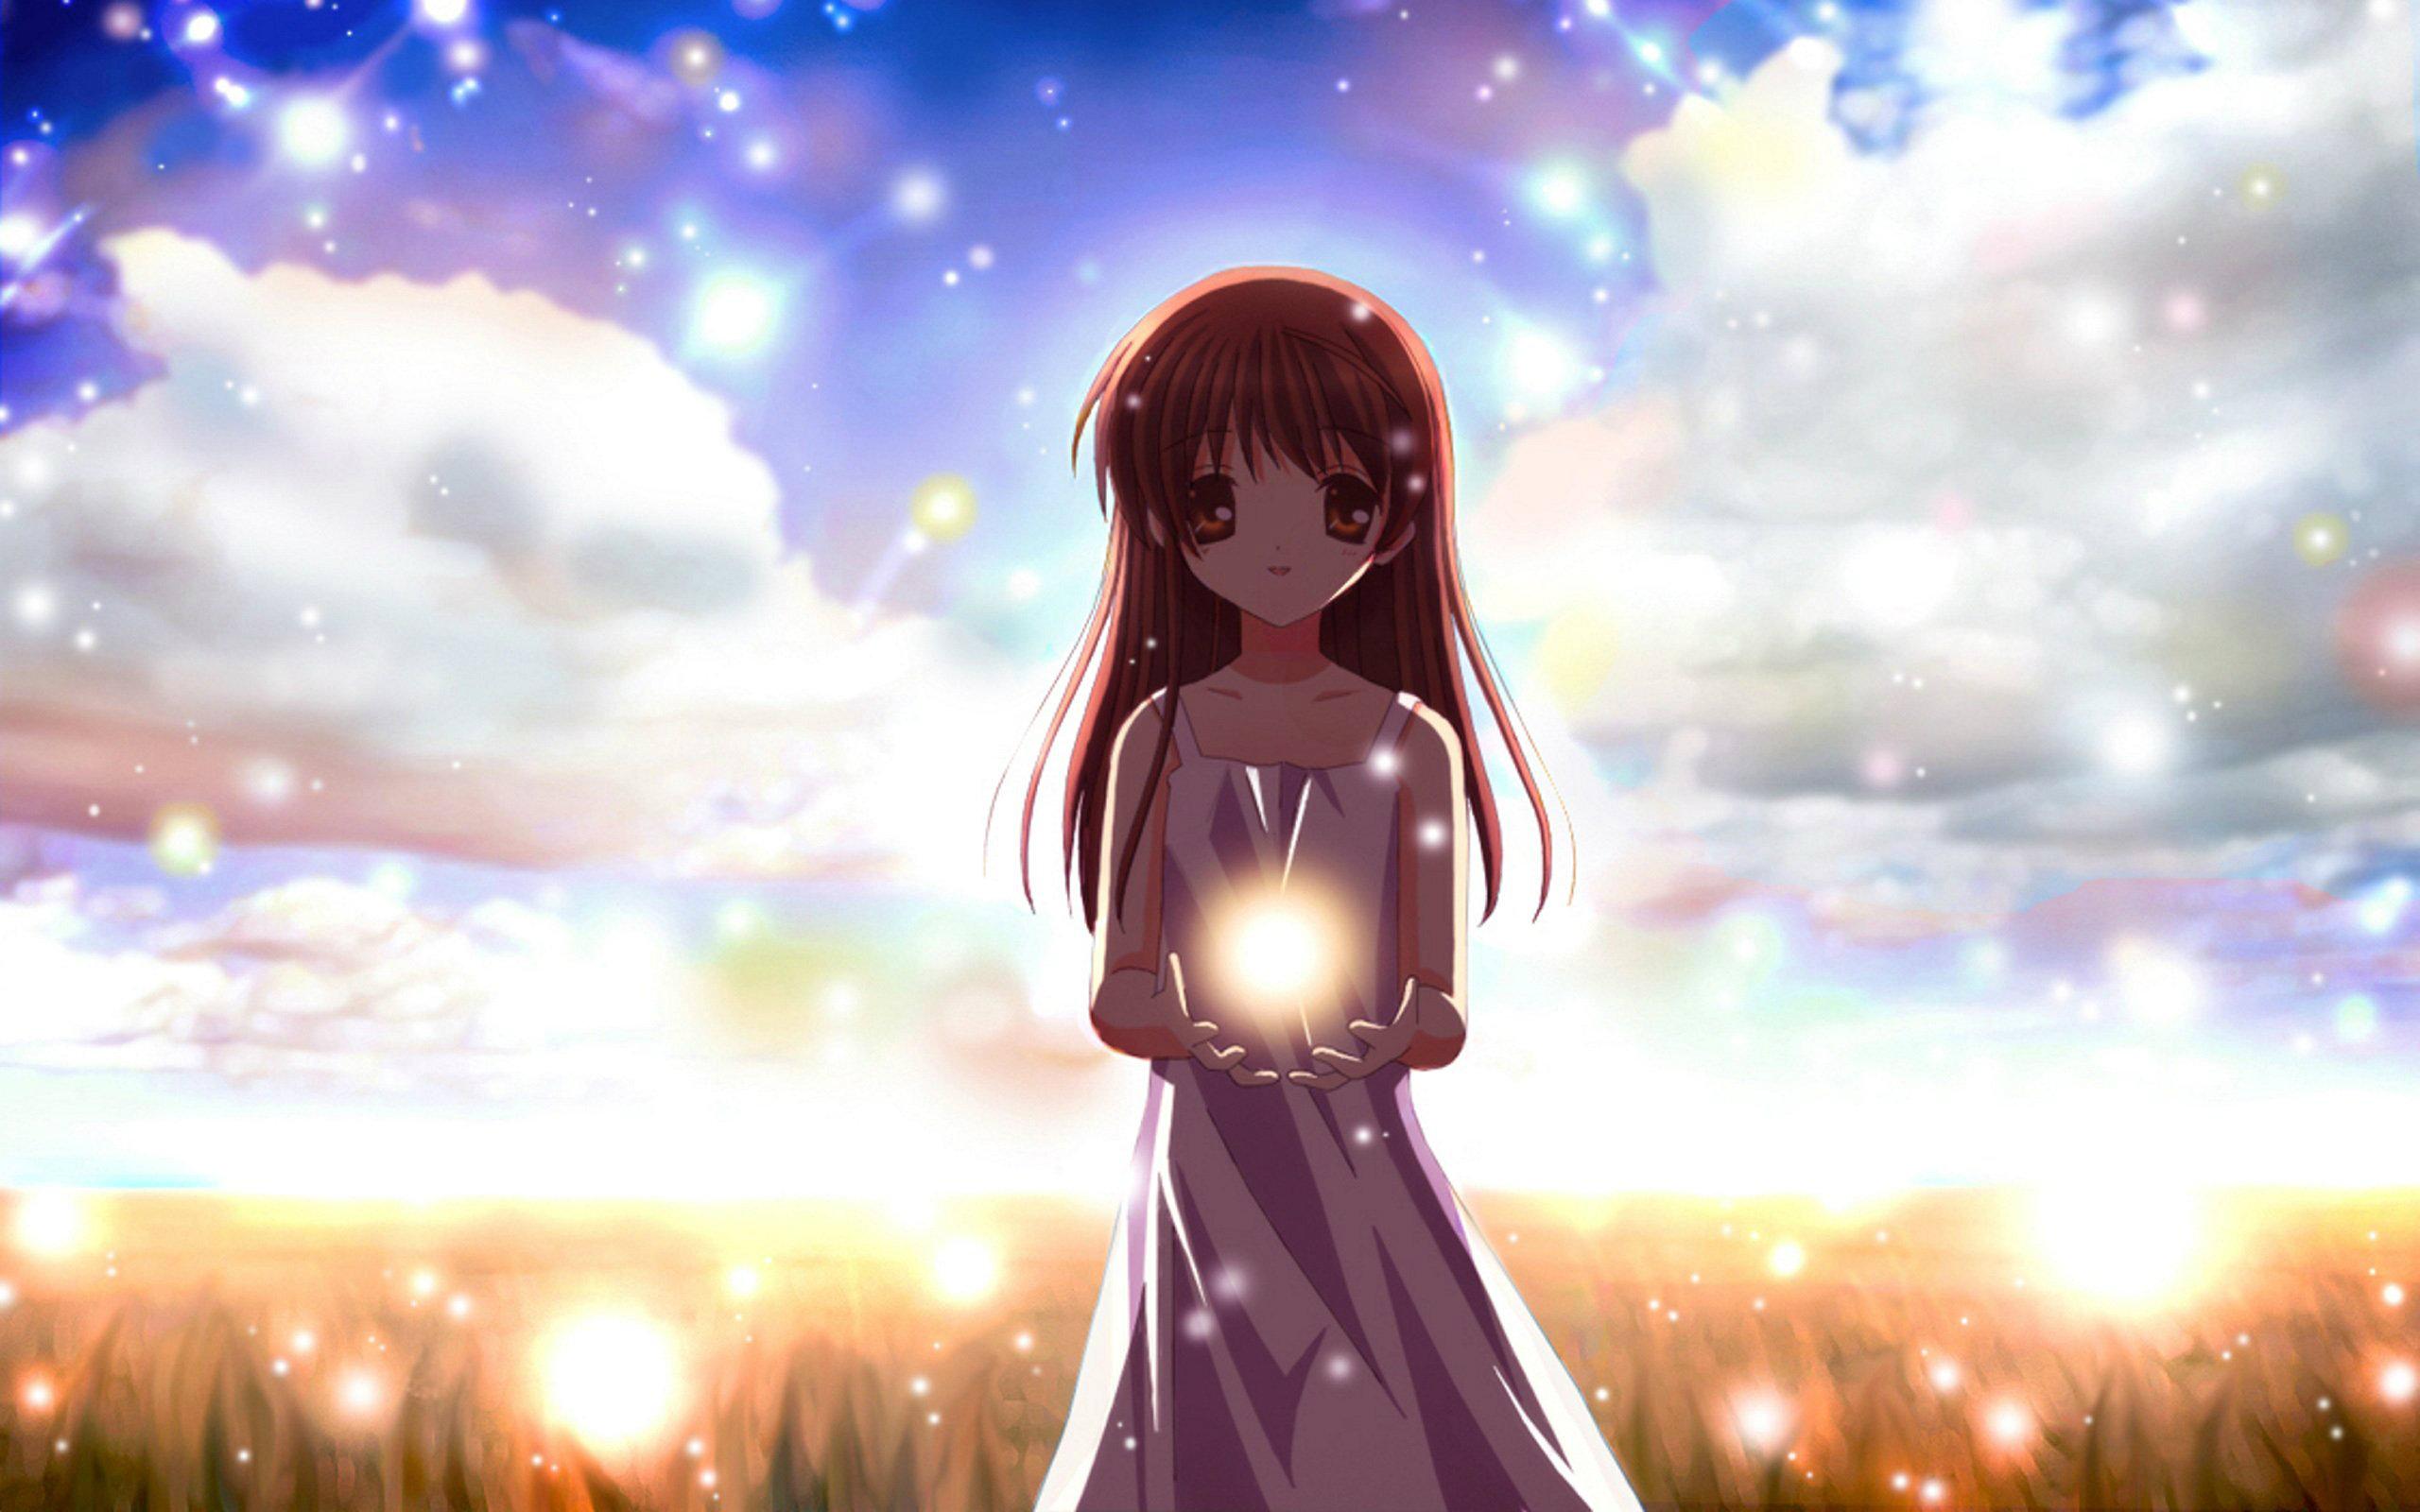 带美女两个字的图片_有什么关于樱花的歌,中国女歌手,歌词也有樱花两个字.